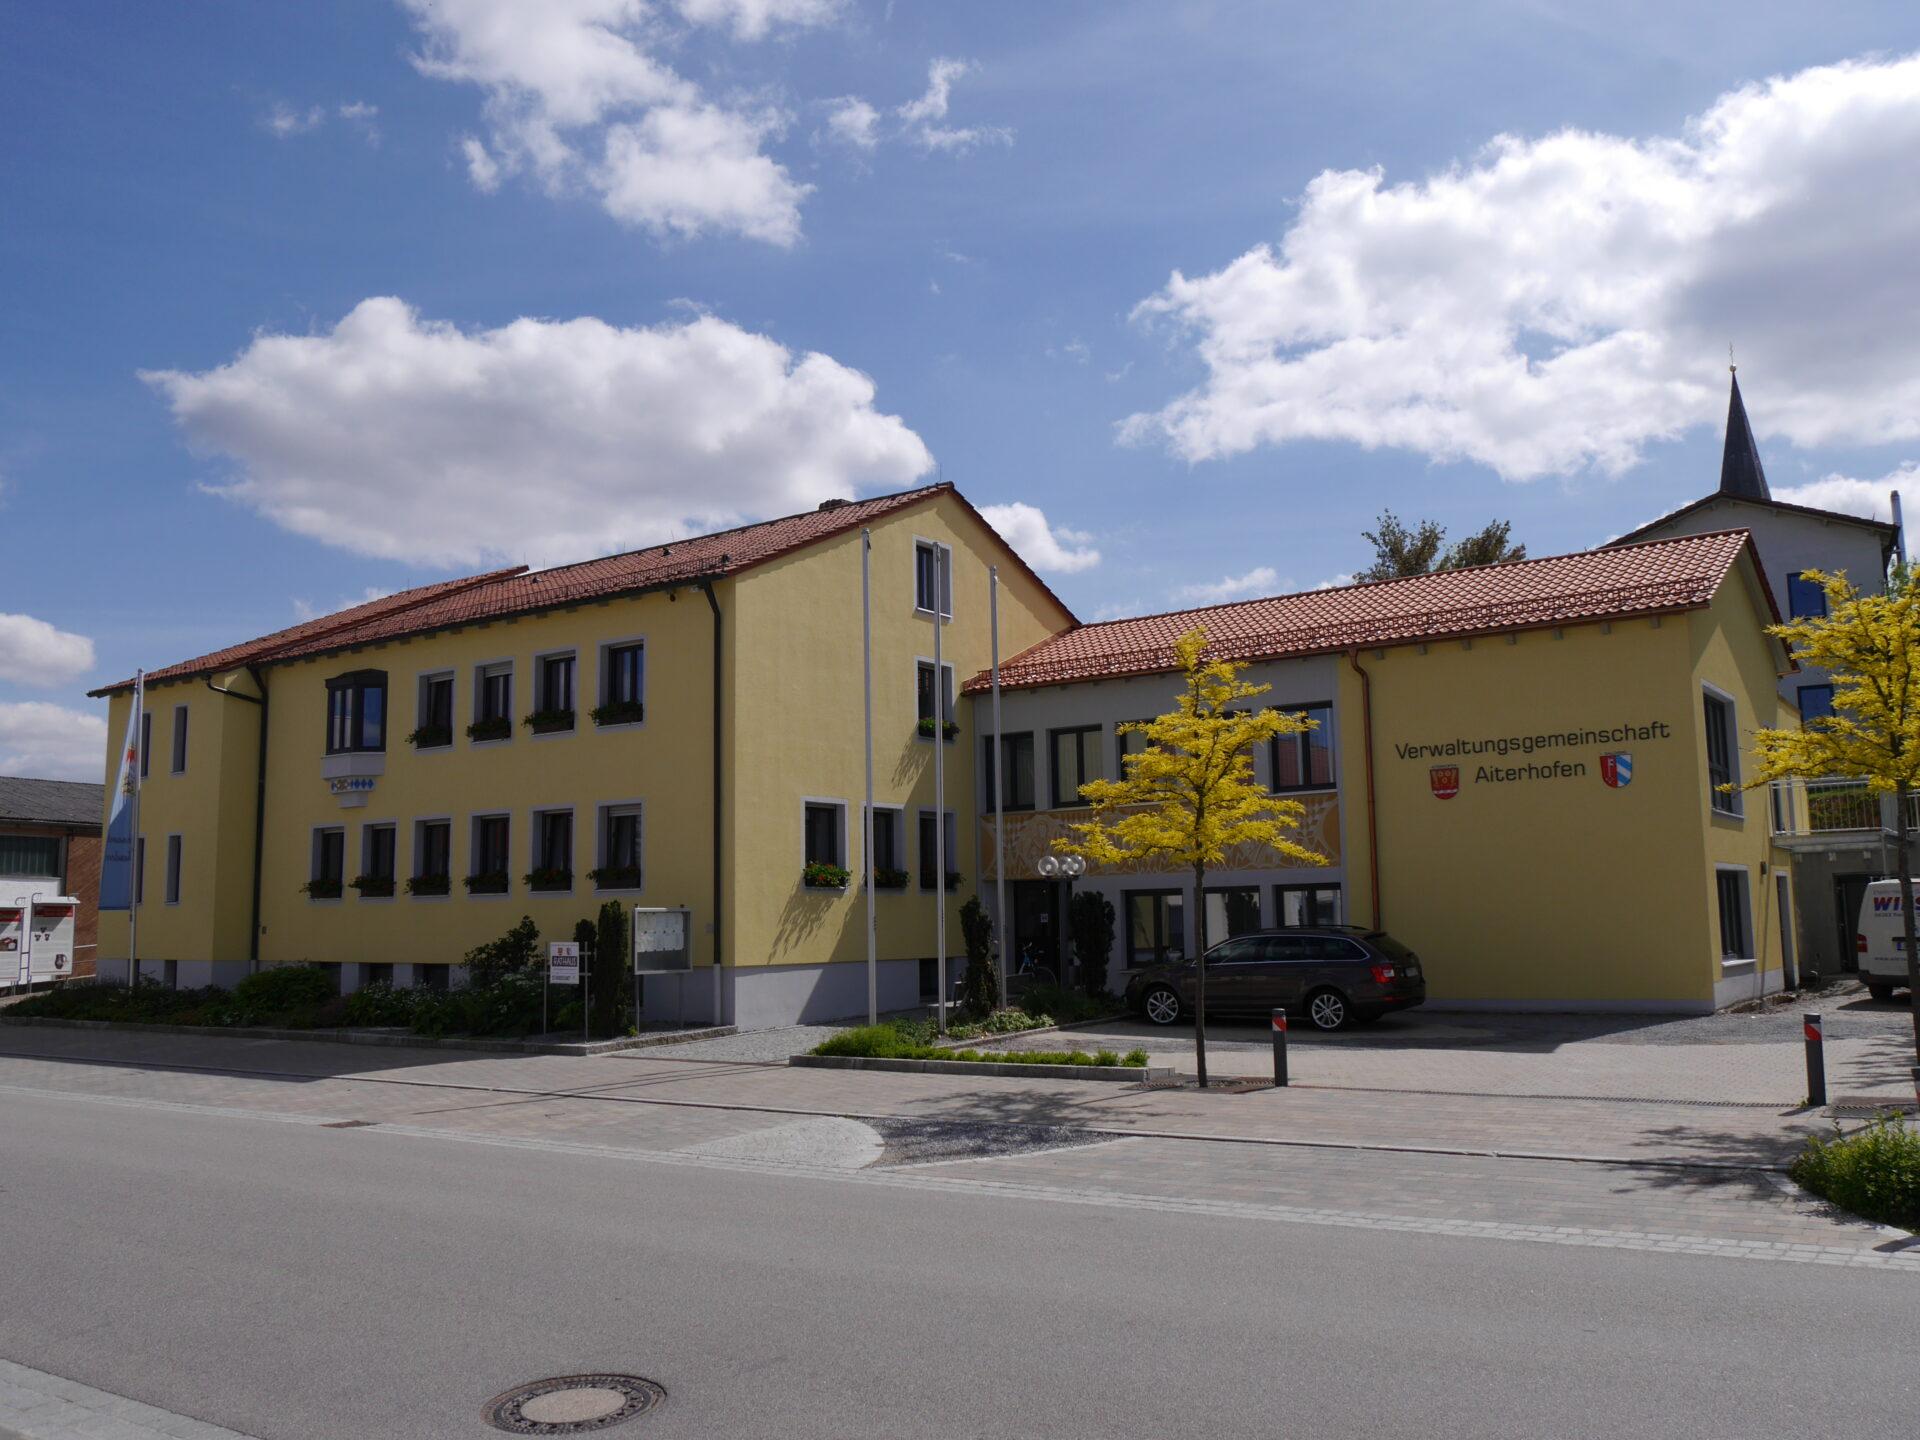 Außenansicht des Rathauses in Aiterhofen